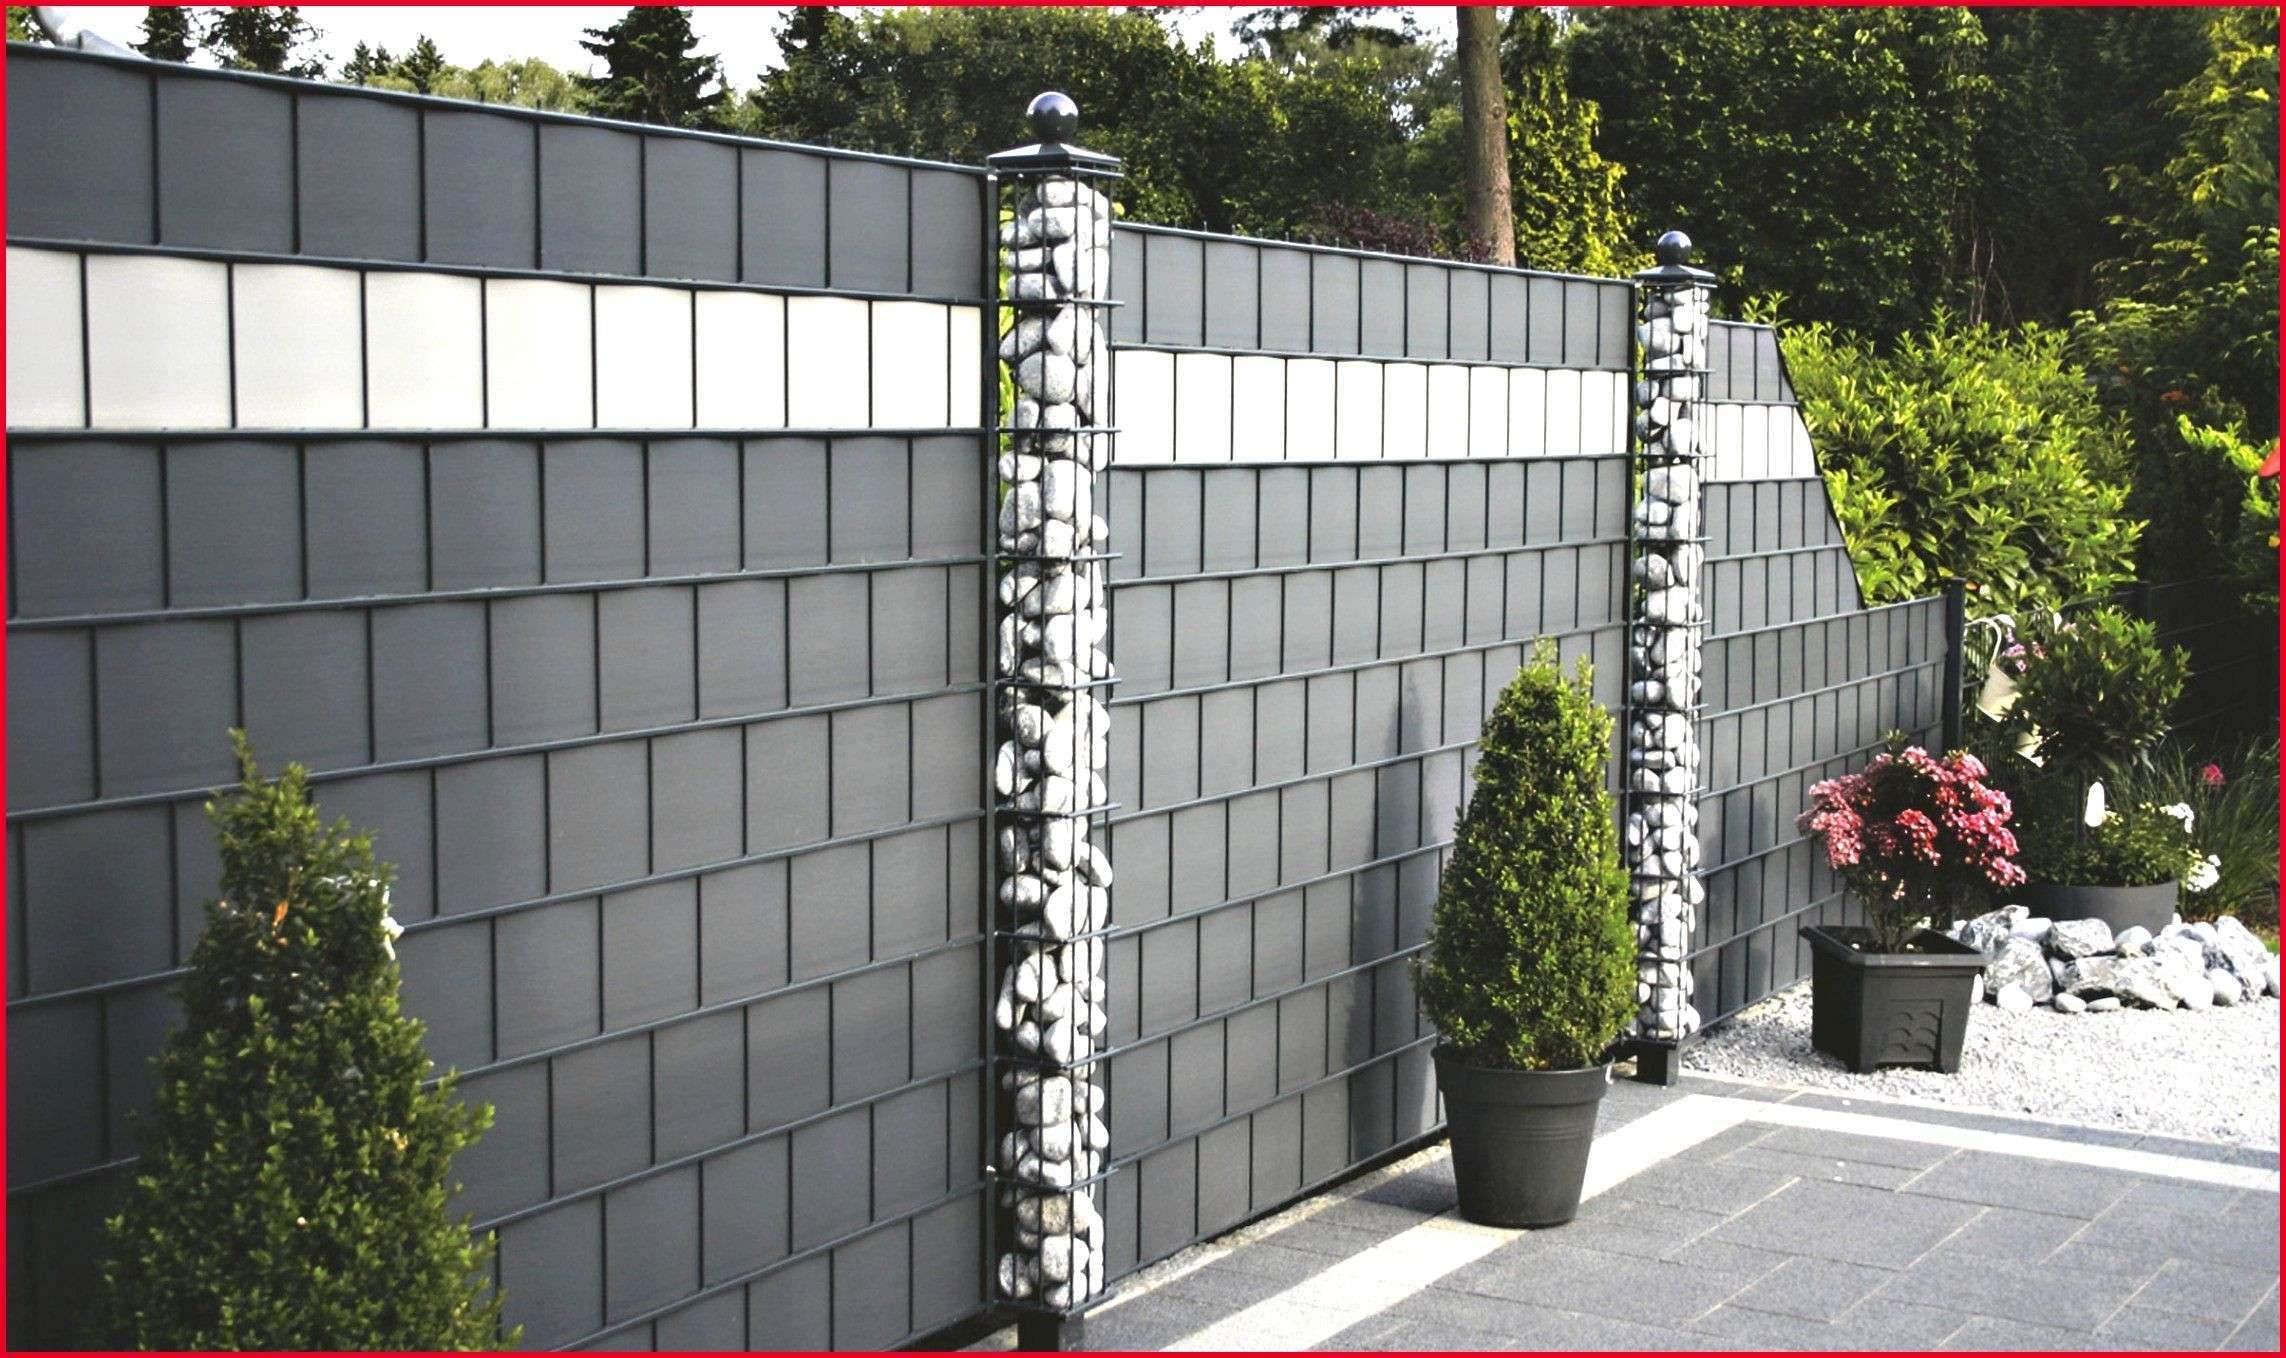 Sichtschutz Garten Schön Pin On Gartem Sichtschutz